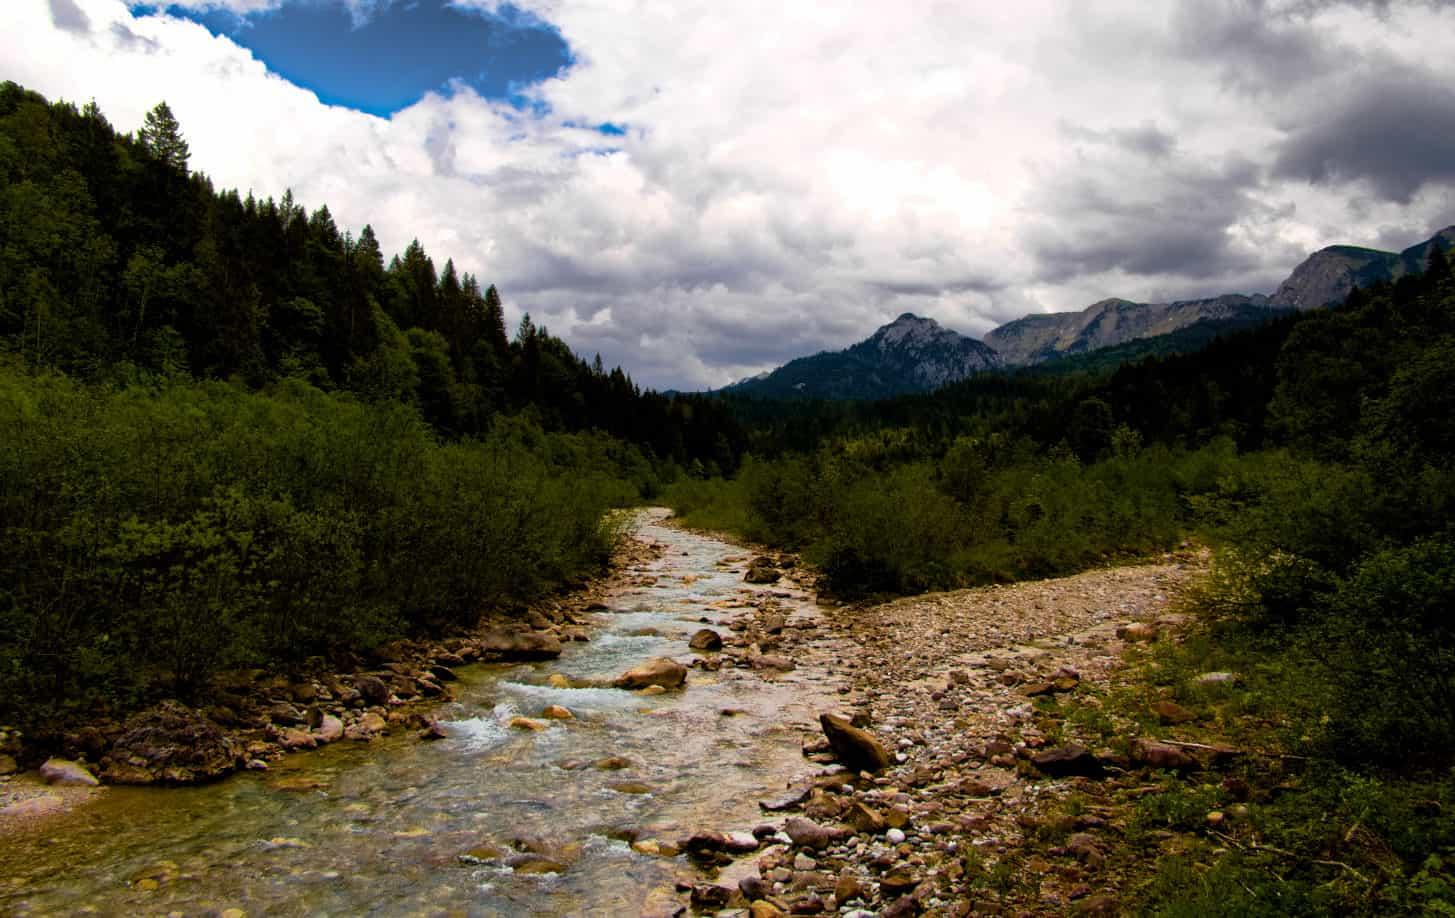 Bei Halblech wandern - Ammergauer Alpen - das Panorama bleibt beeindruckend